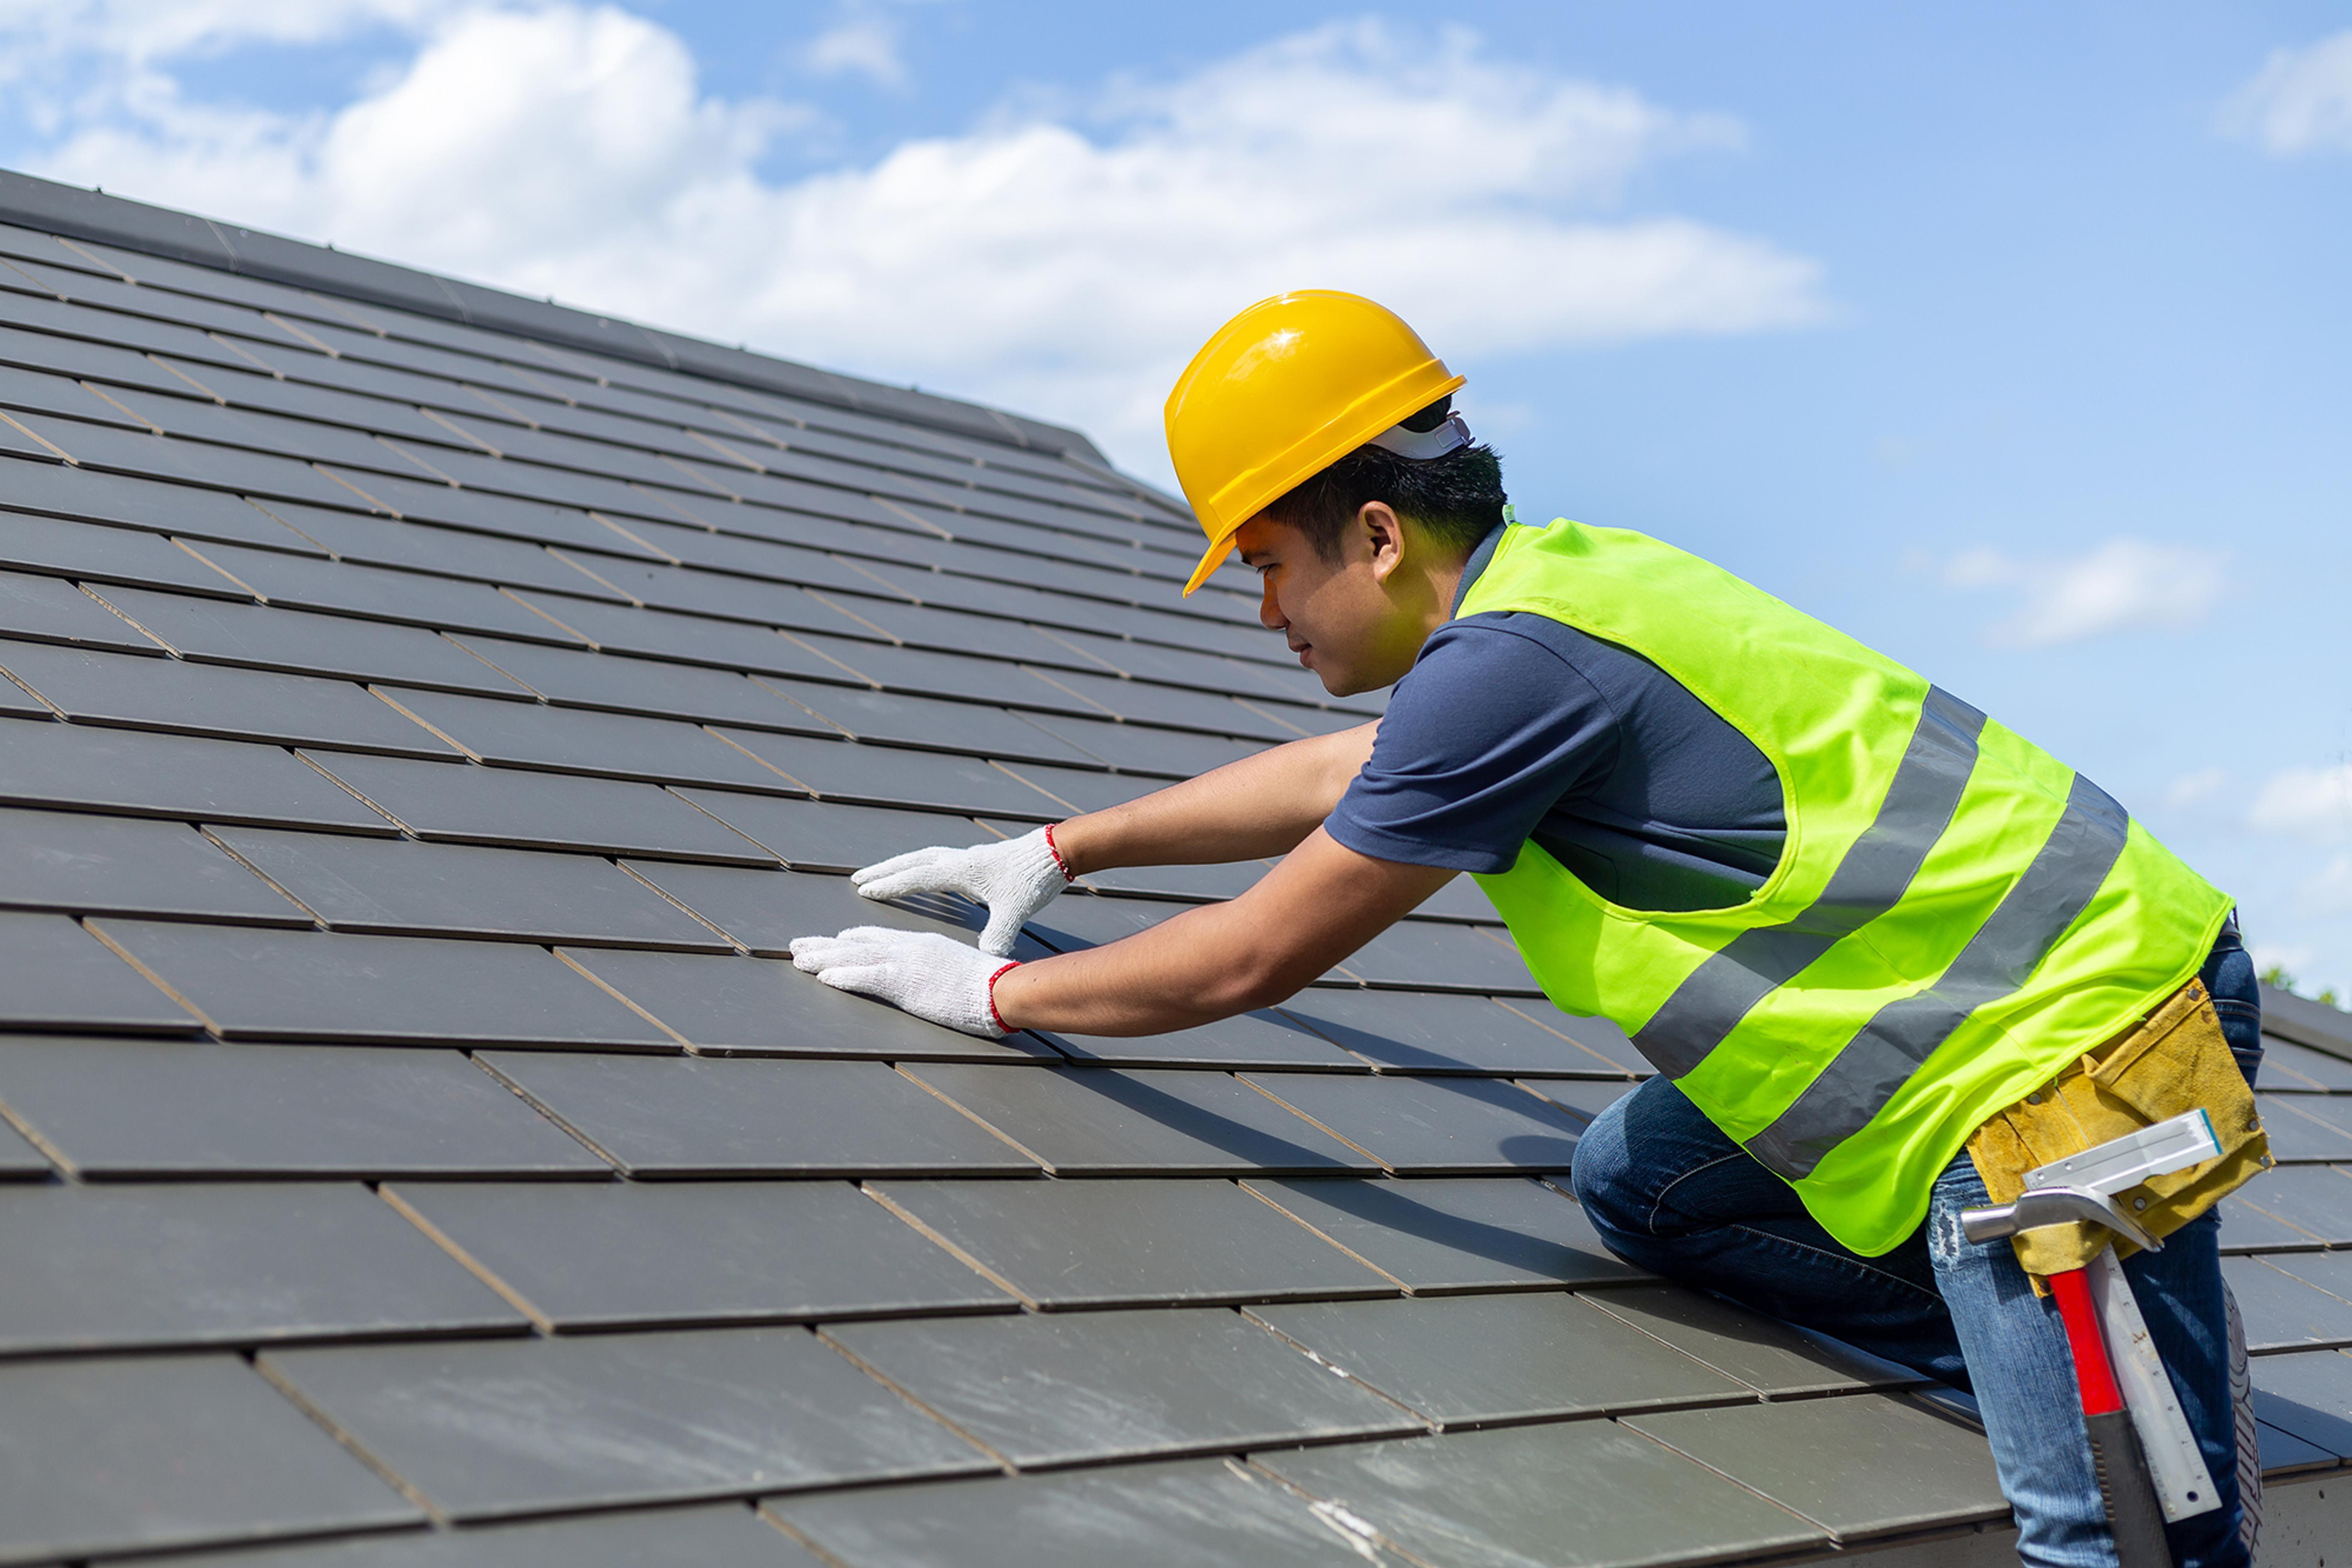 Roofer tiling